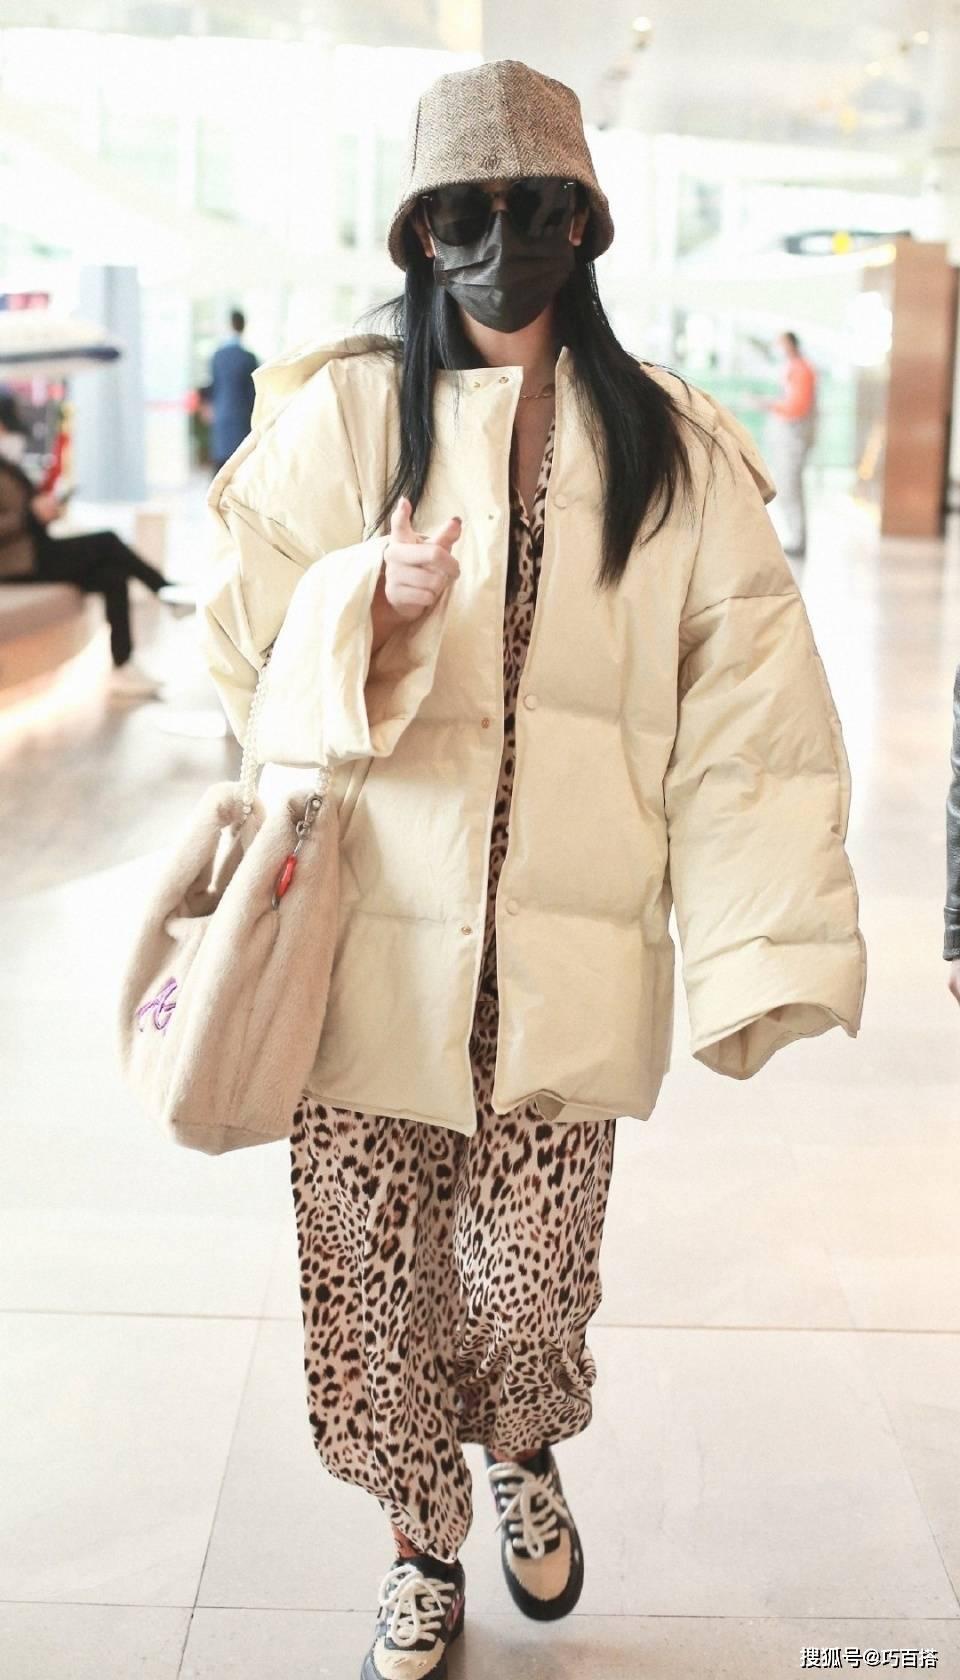 原创             赵小棠穿搭永远这么高调,优雅又火辣的调调个性鲜明,辨识度很高